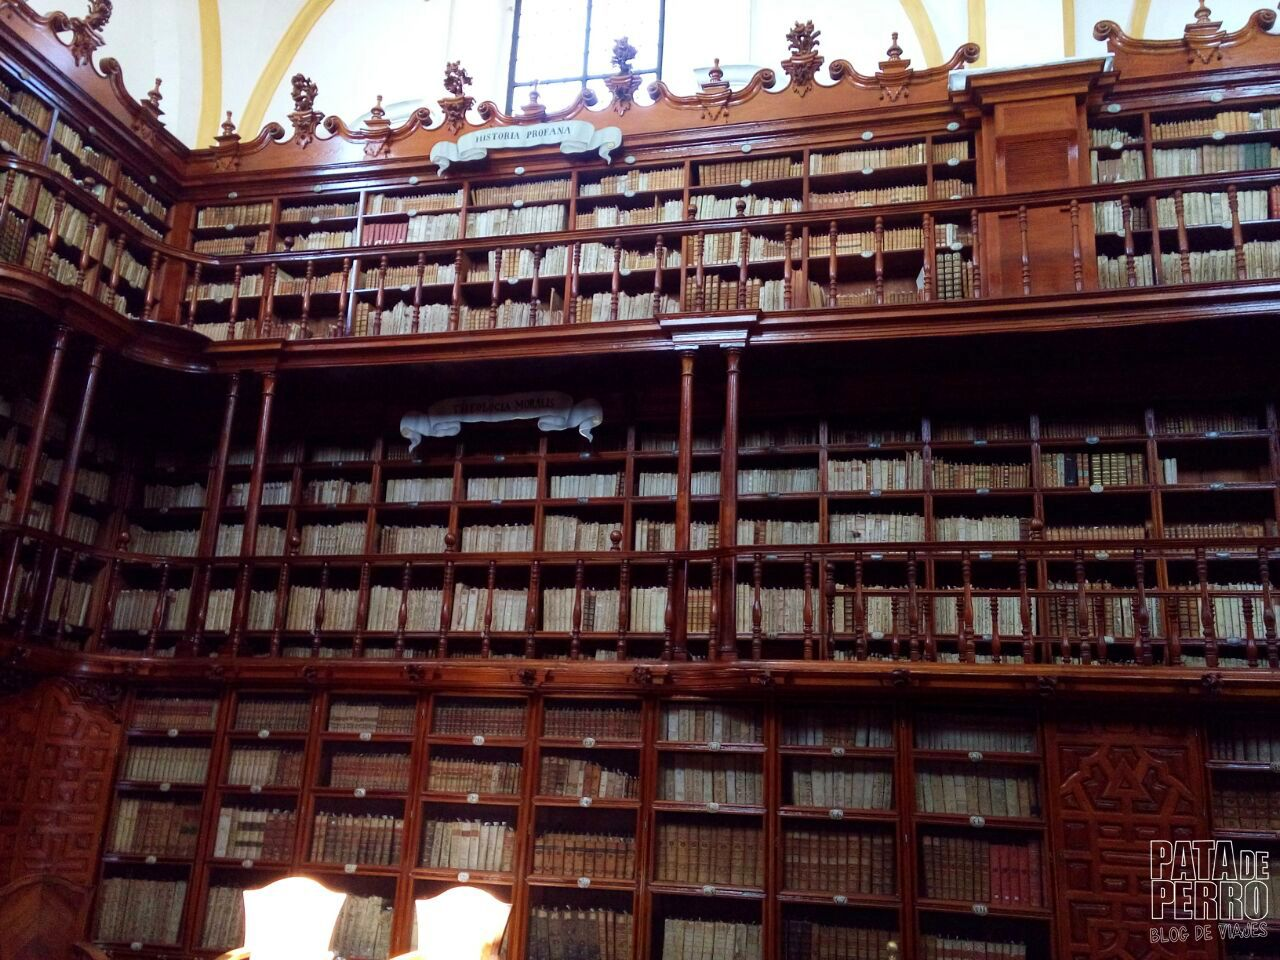 biblioteca-palafoxiana-la-primera-biblioteca-publica-de-america-pata-de-perro-blog-de-viajes-puebla-mexico-11